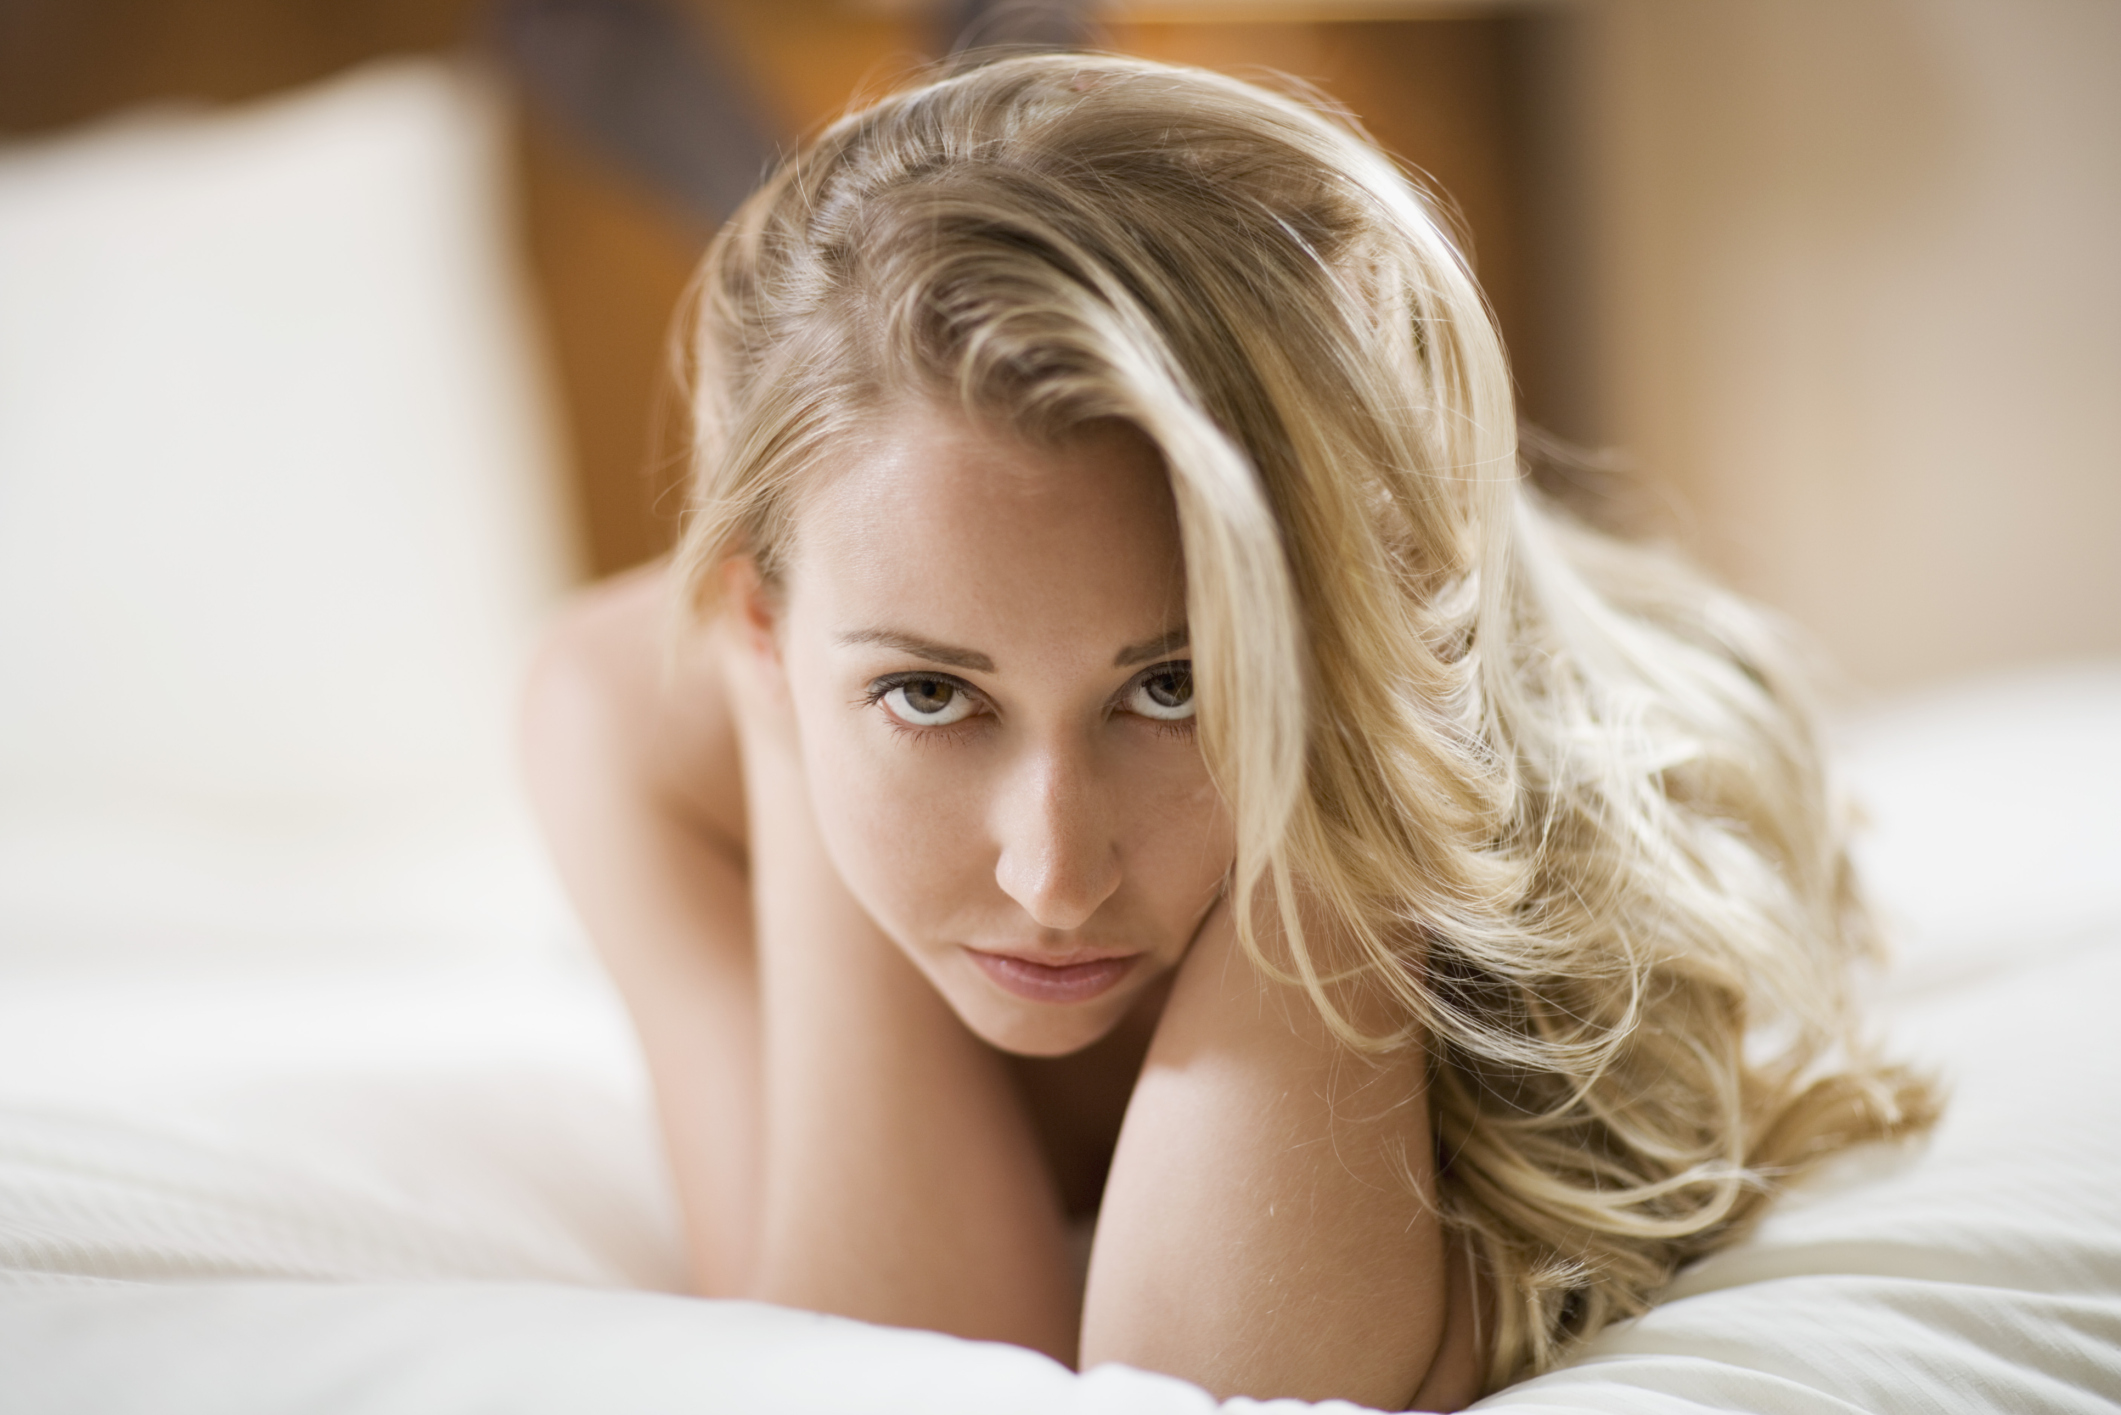 Wideo skurcze kobiecego orgazmu